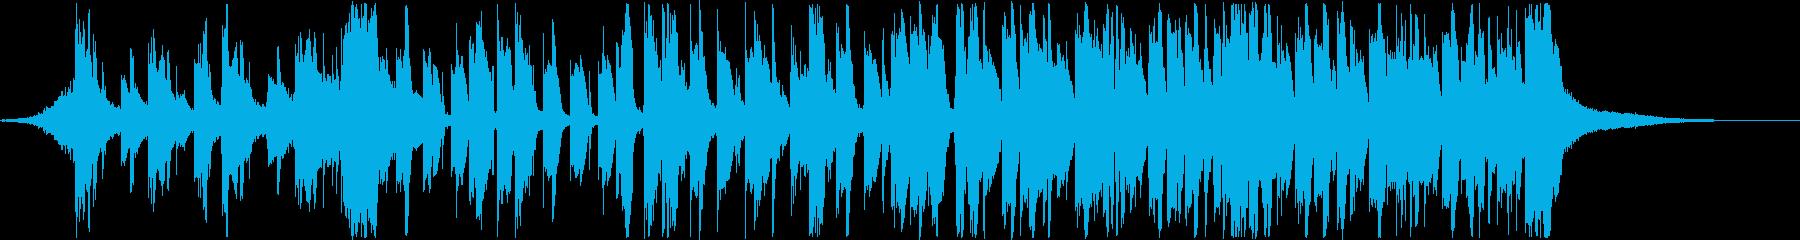 ポップでかわいいK-Popダンス♪声入りの再生済みの波形